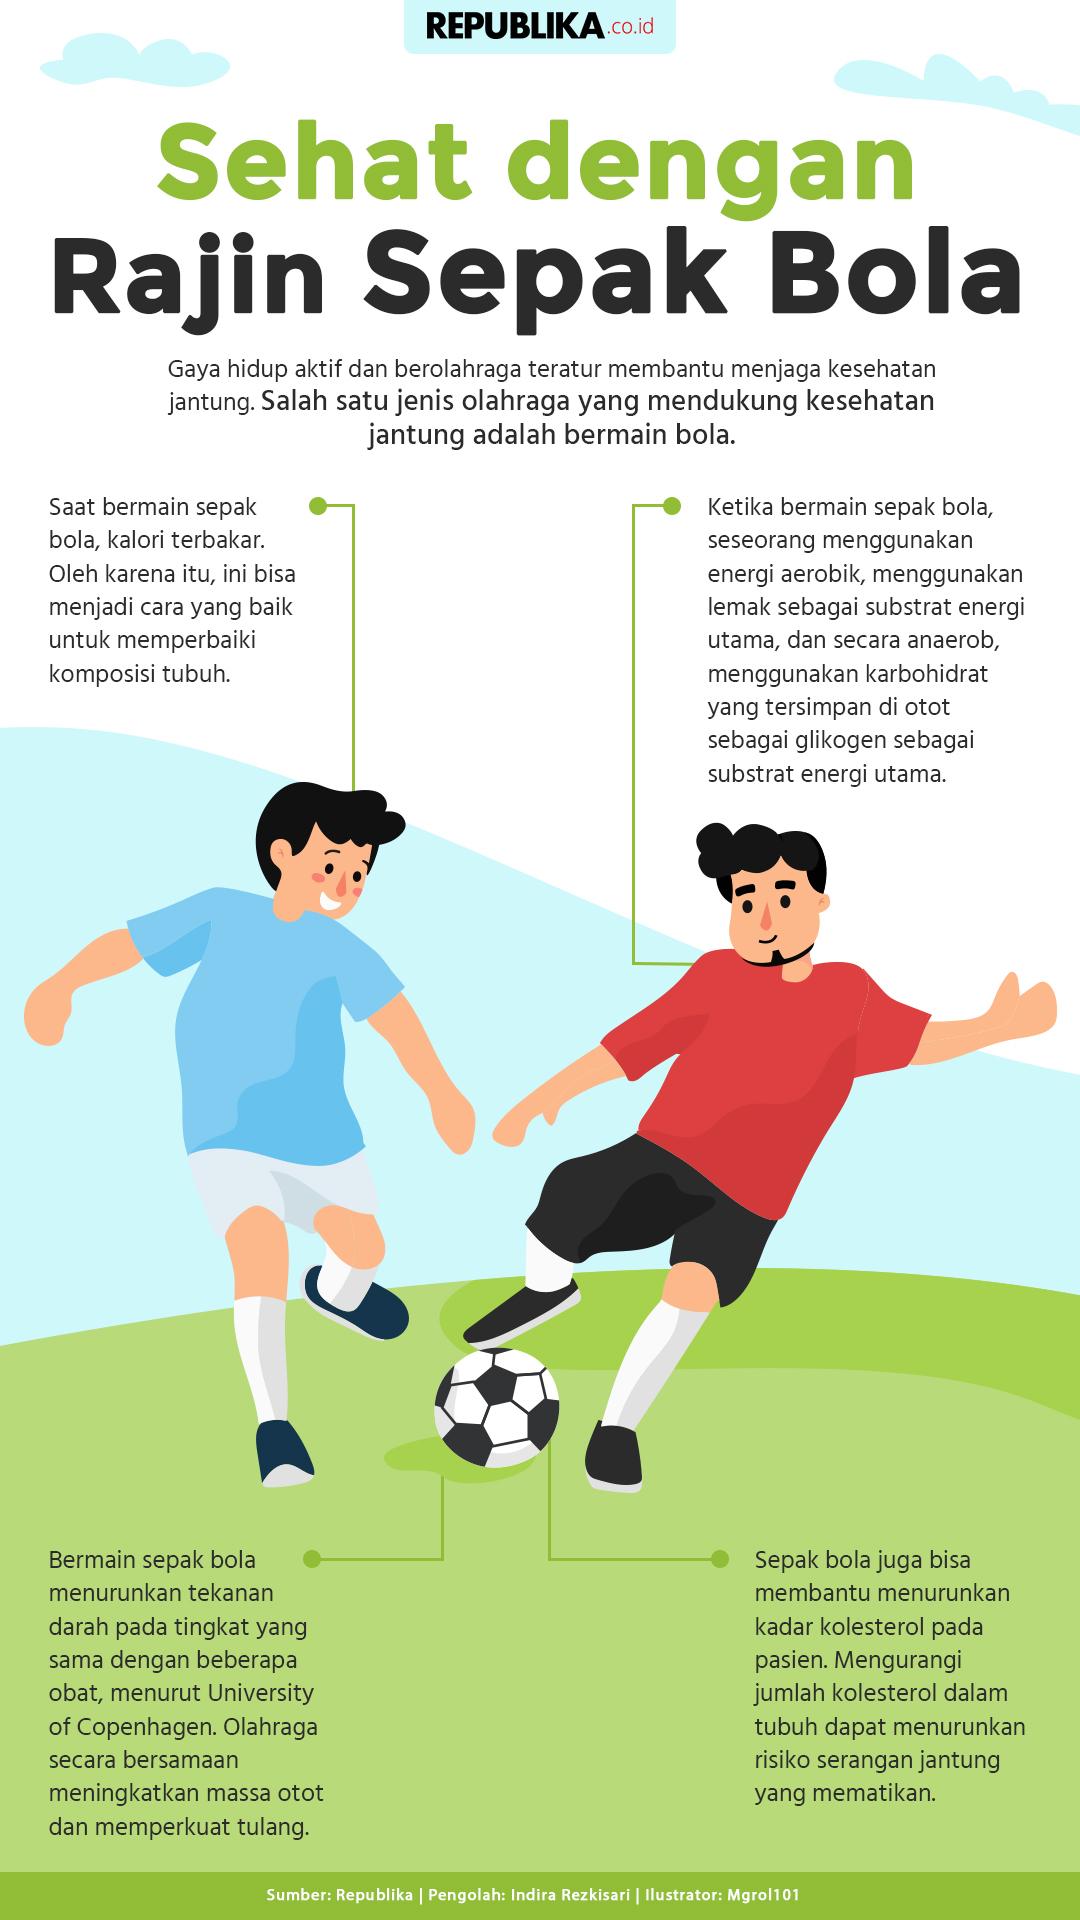 Jumlah Pemain Sepak Bola : jumlah, pemain, sepak, Sehat, Dengan, Rajin, Sepak, Republika, Online